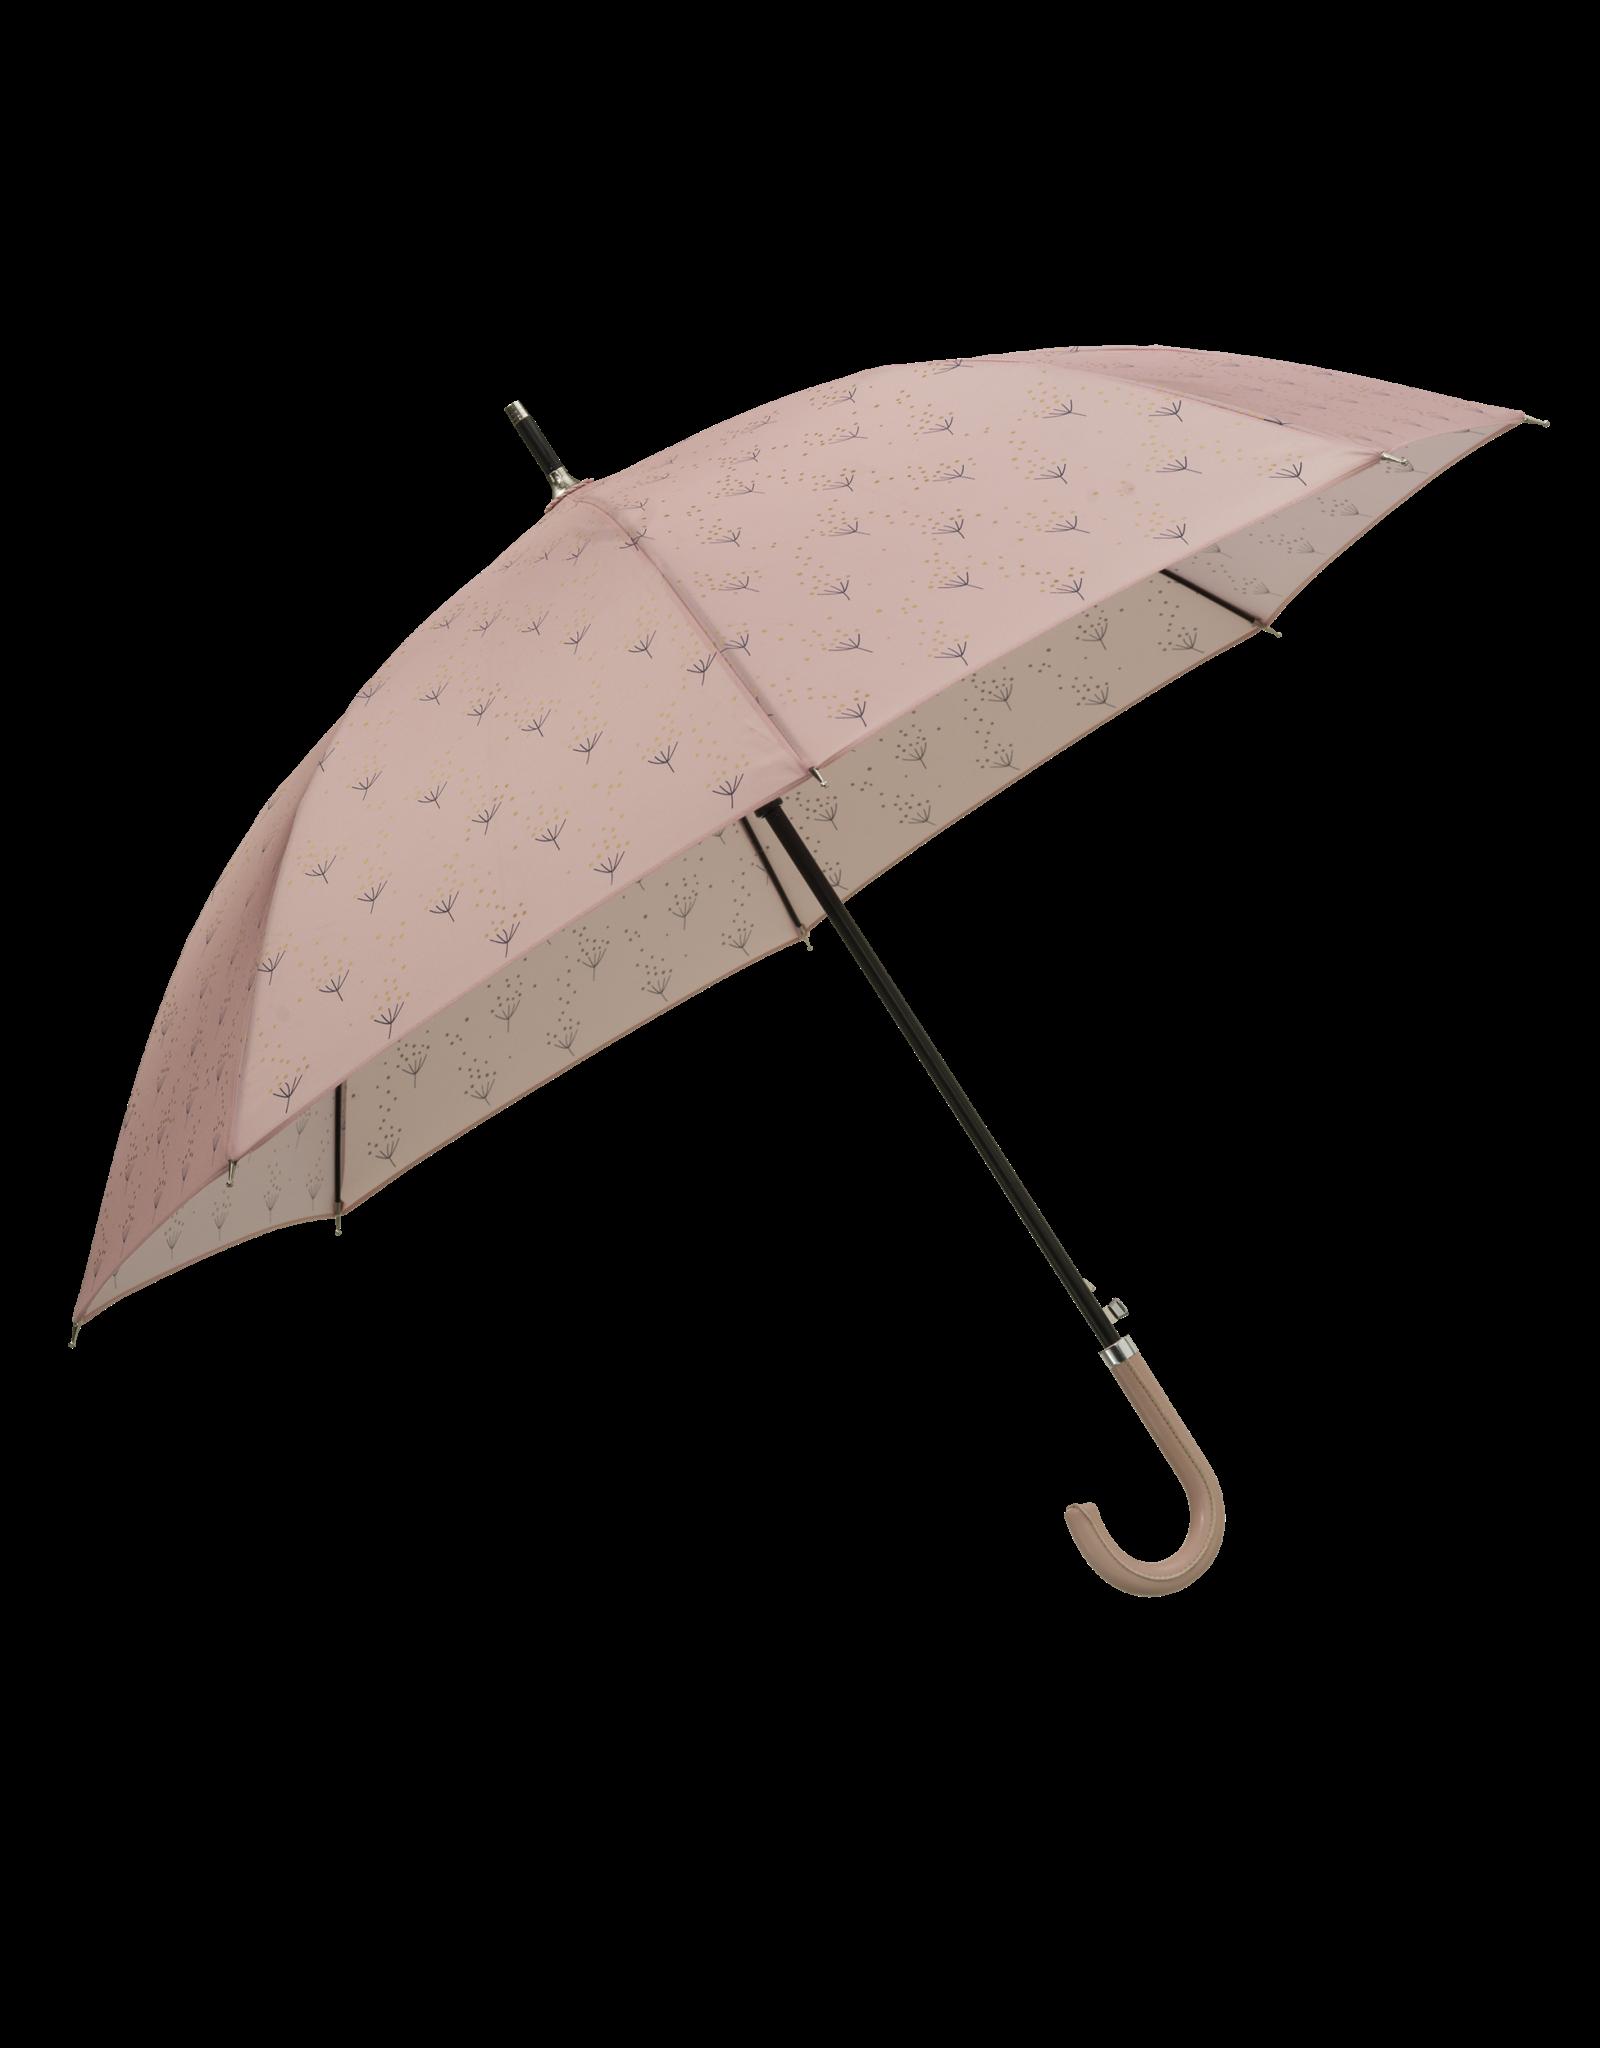 FRESK paraplu dandilon